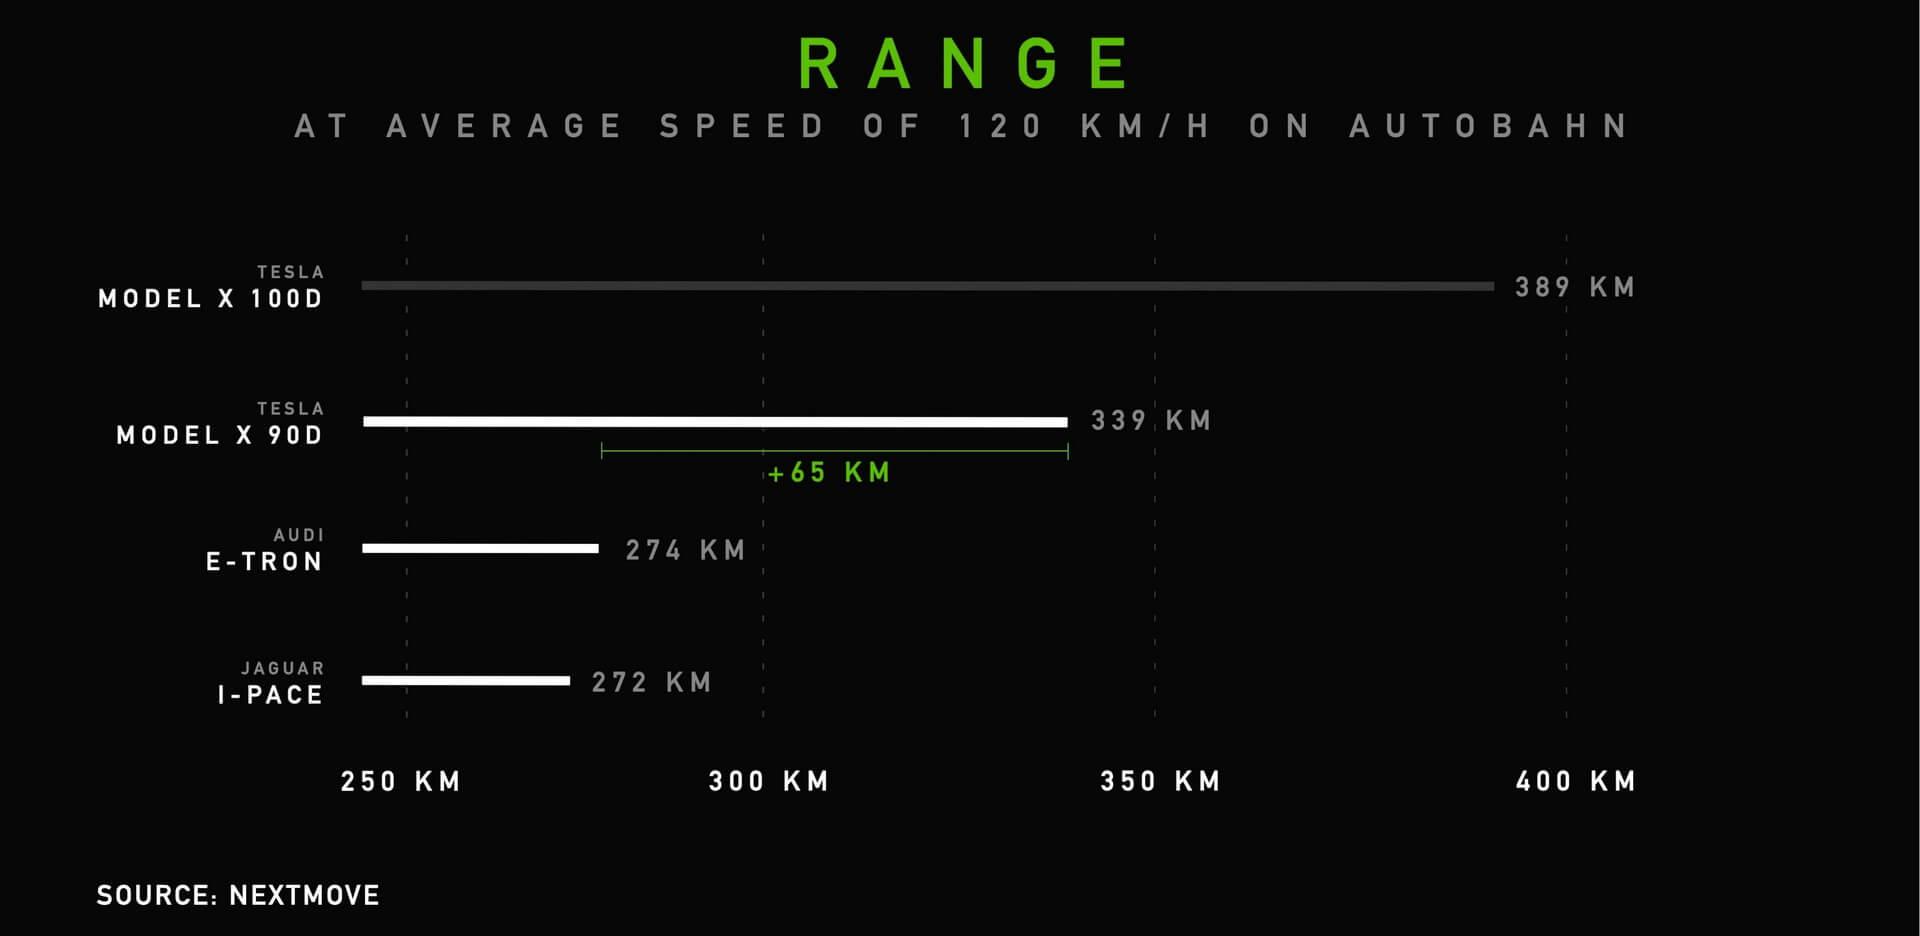 Запас хода кроссоверов на автобане при средней скорости 120 км/ч